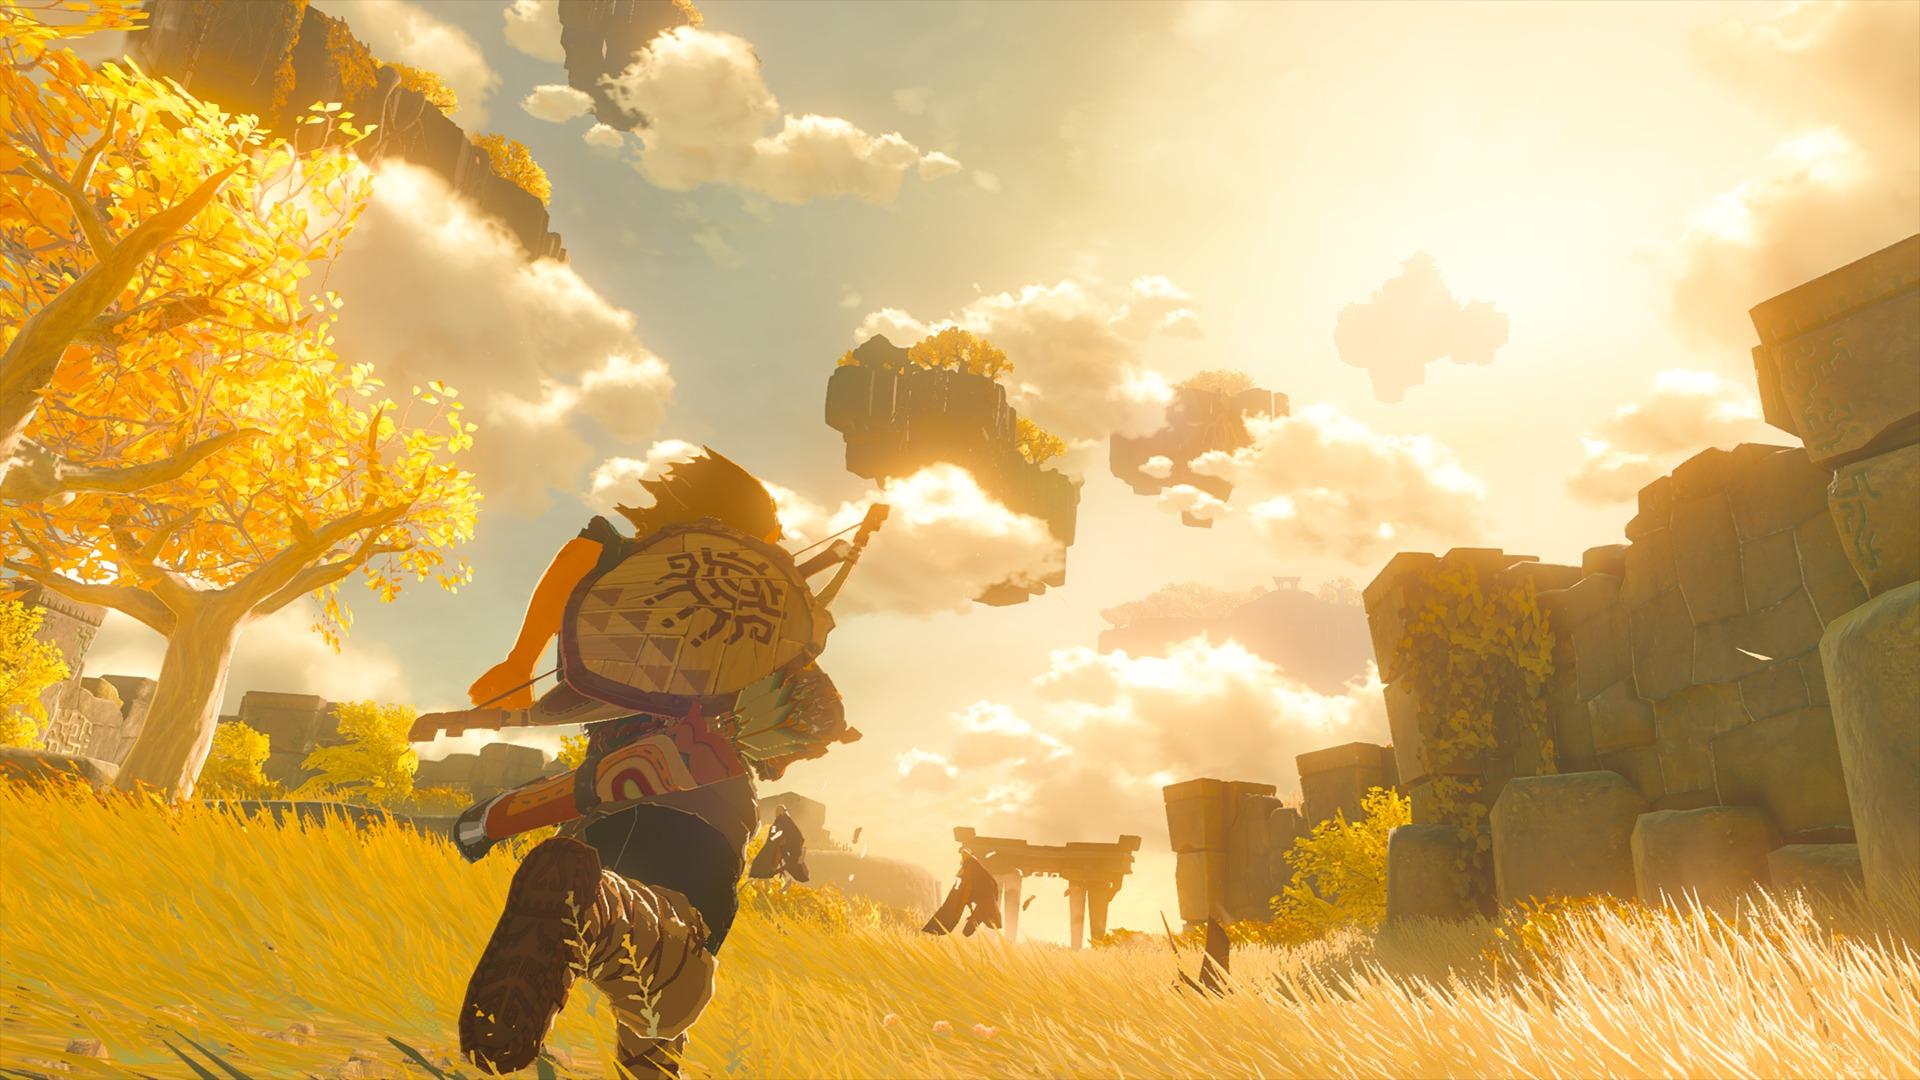 Nintendo showcased Breath of the Wild 2 at E3